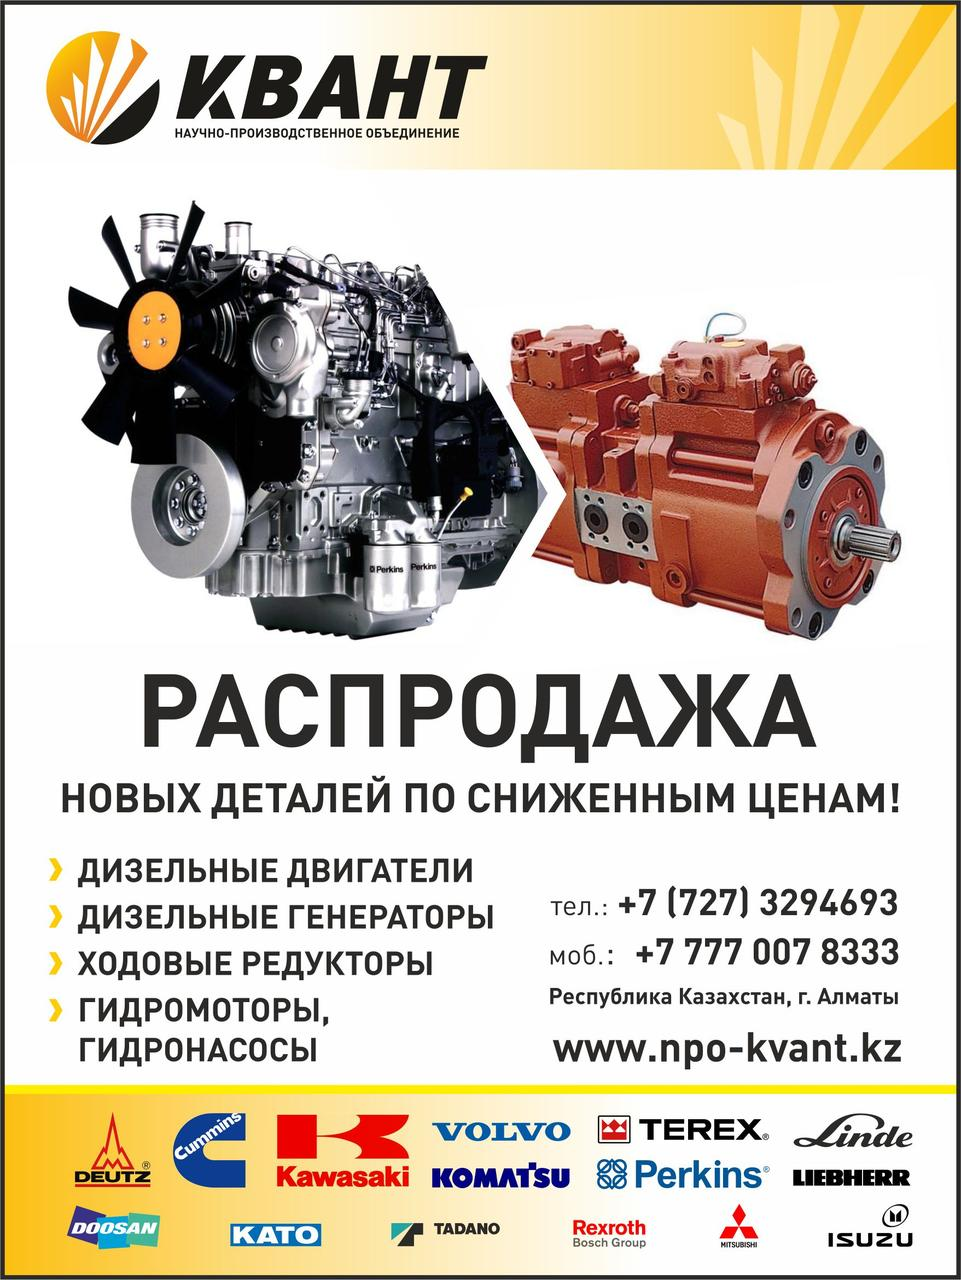 Дизельный двигатель MTU 20V4000G63, MTU 20V4000G23, MTU 20V4000G23F